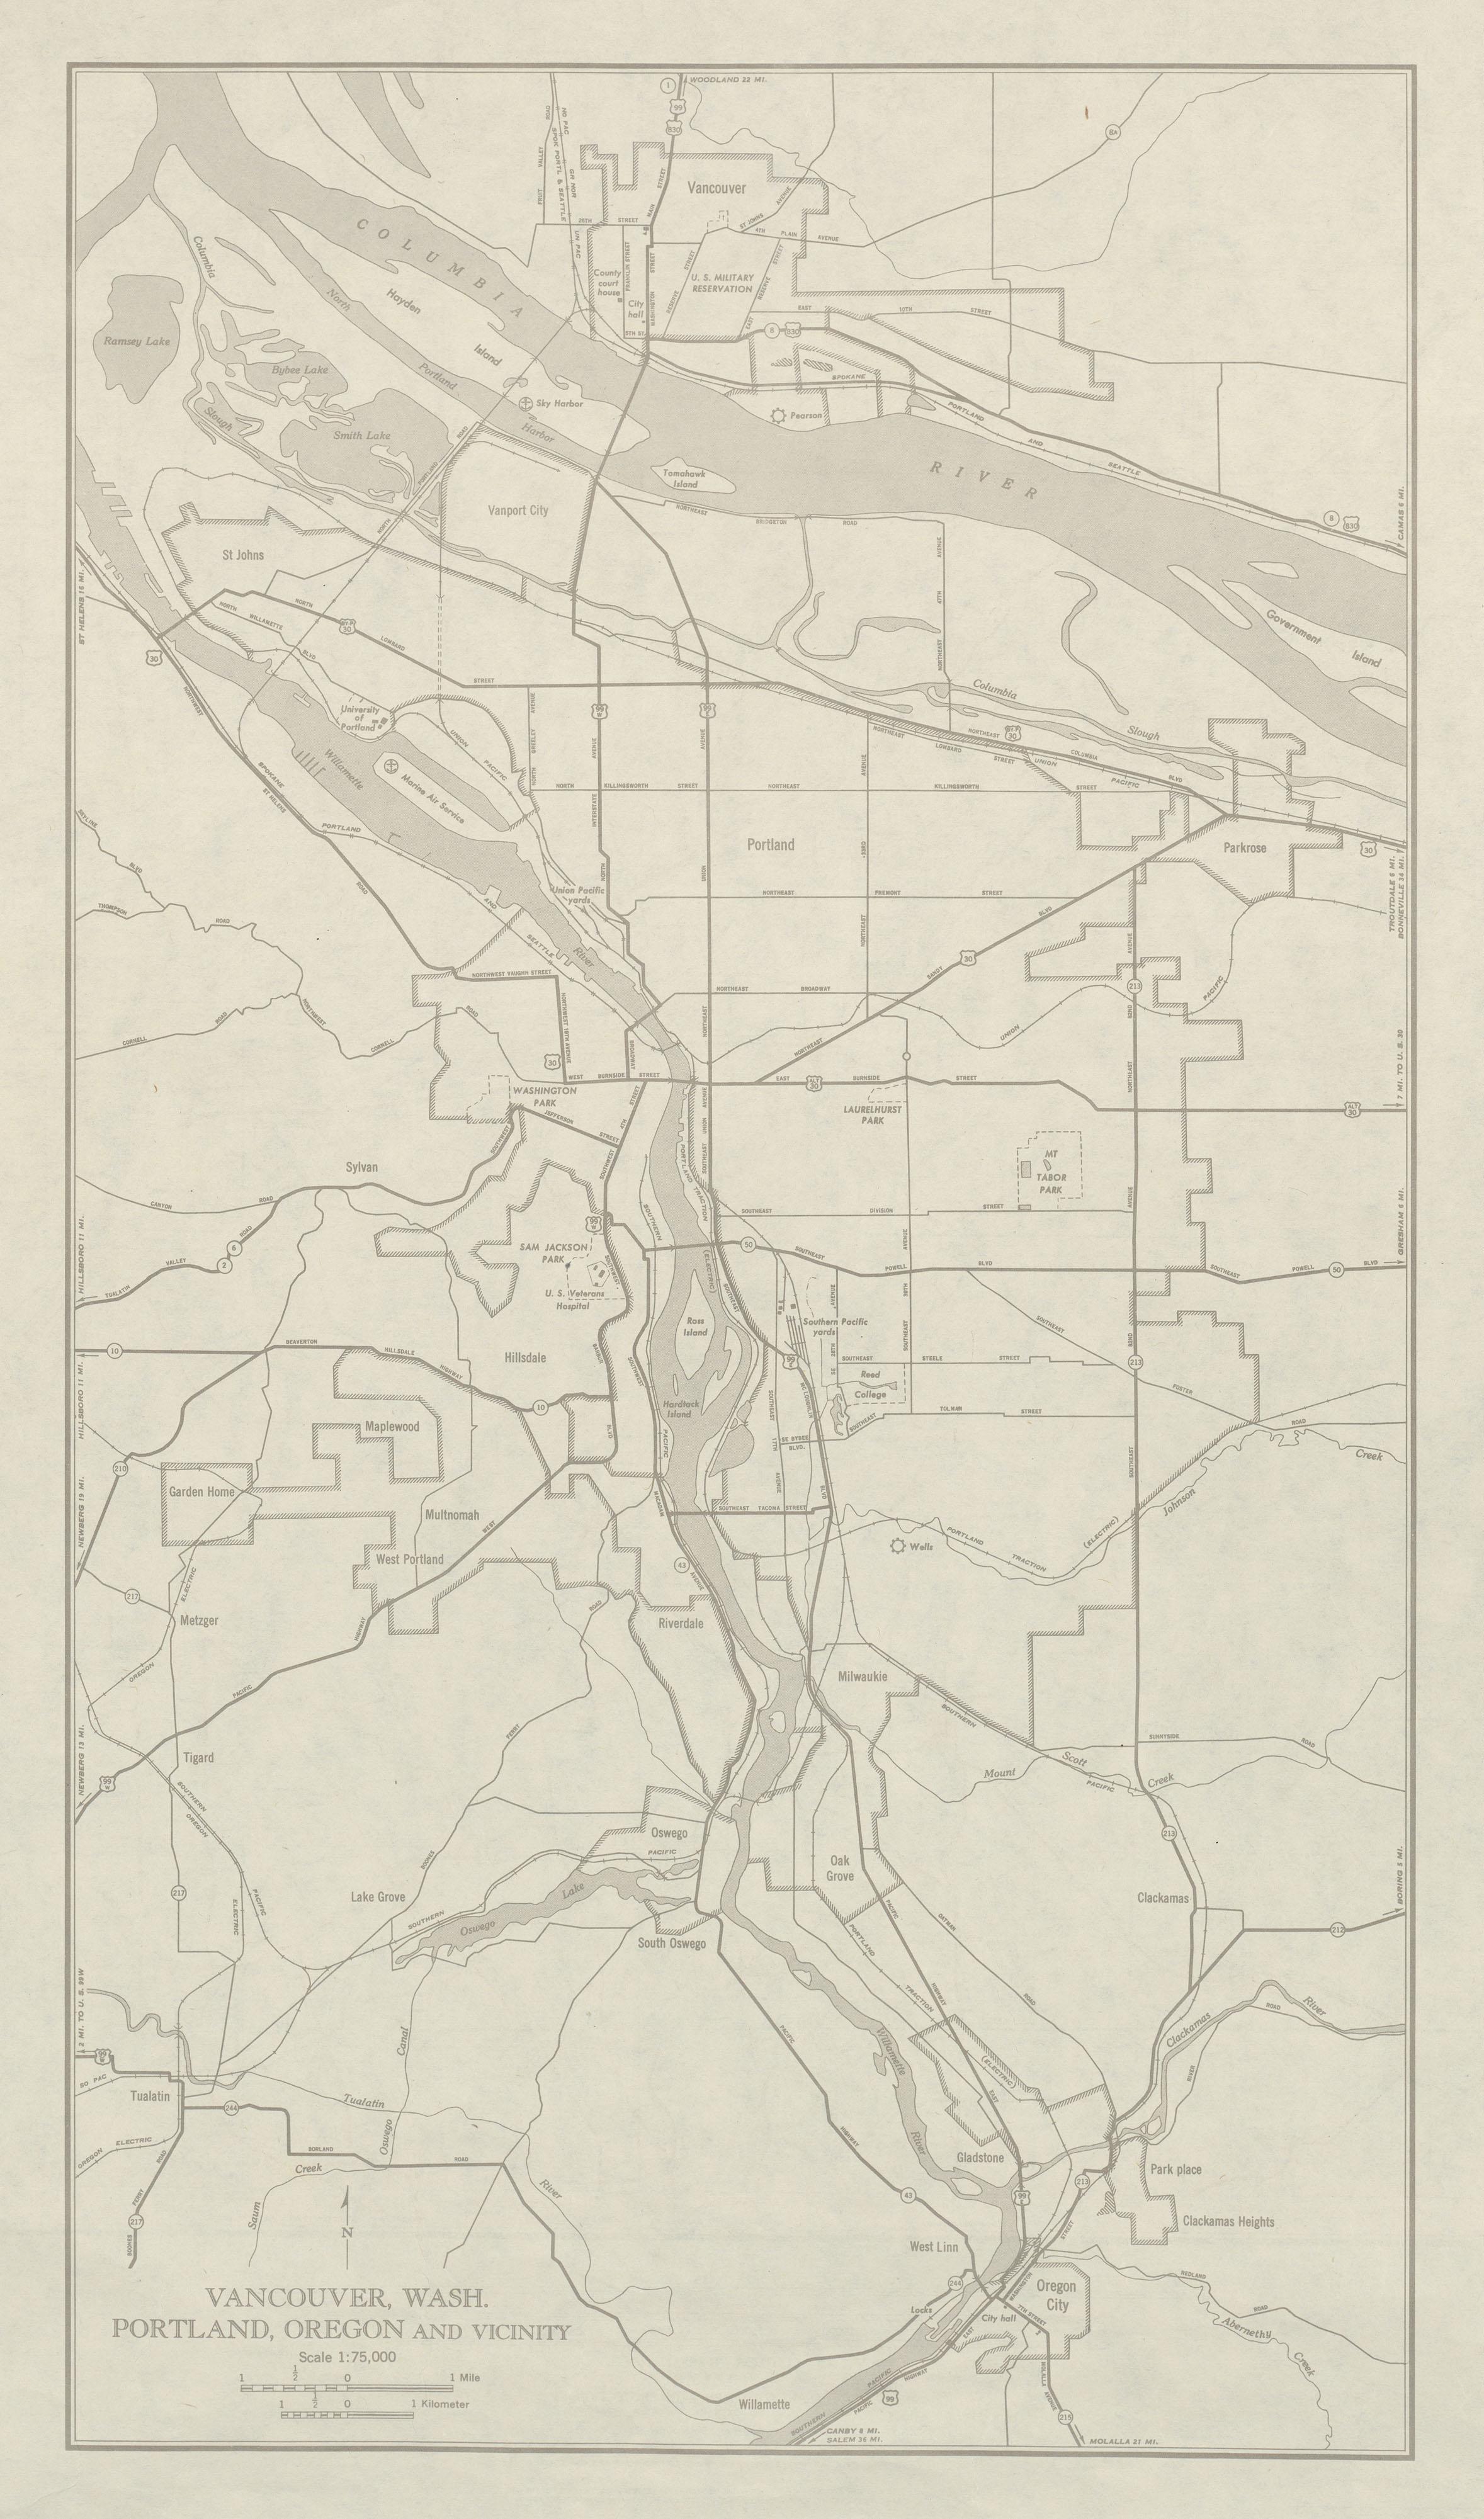 City Maps of Vancouver, Washington and Portland Oregon, United States 1949